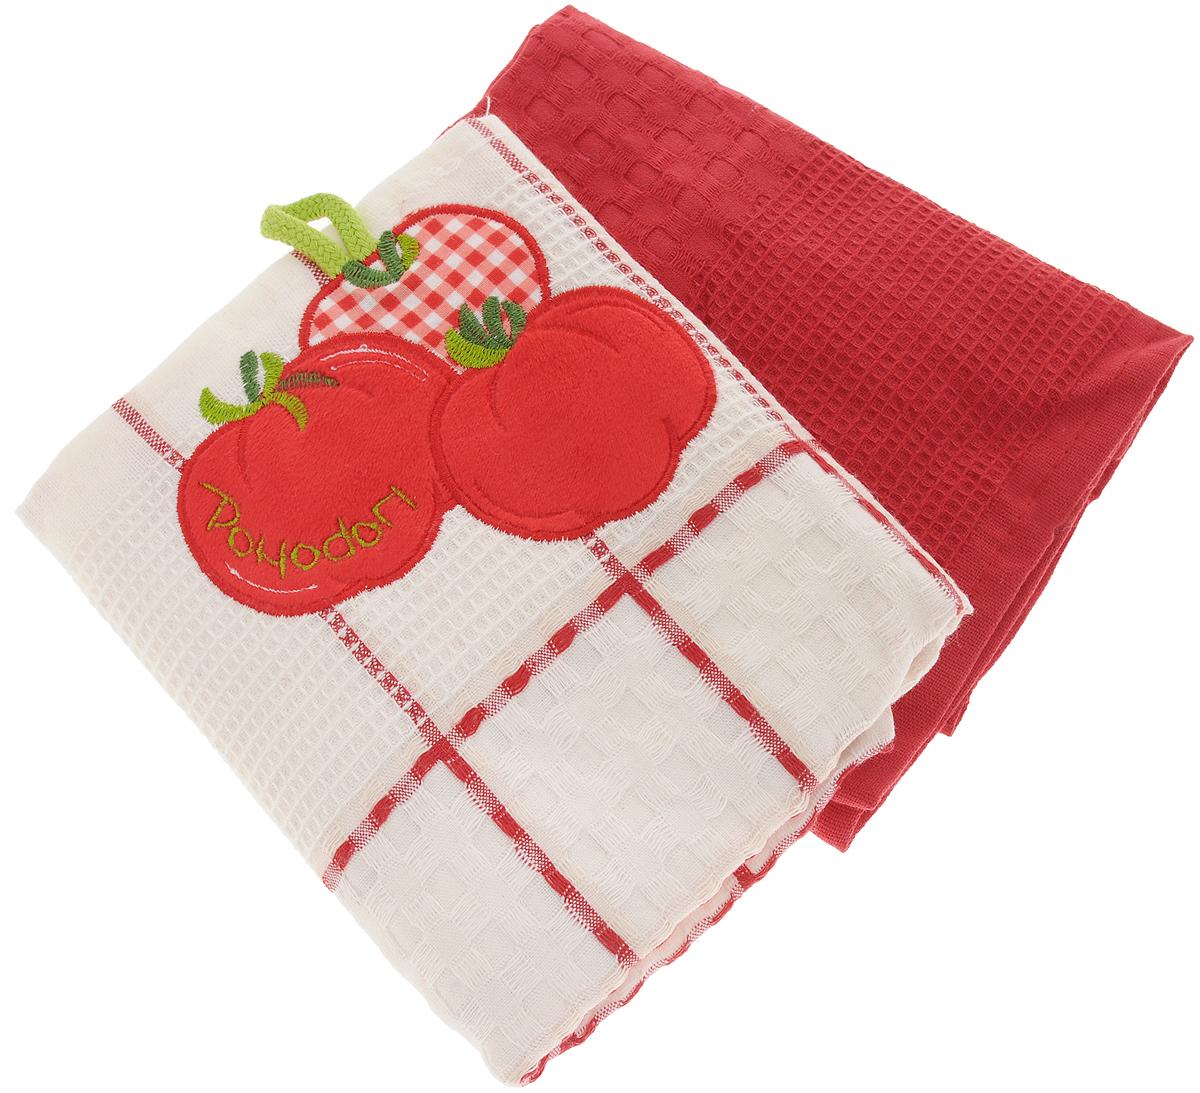 """Набор кухонных полотенец Bonita """"Помидор"""" состоит из двух полотенец, изготовленный из натурального хлопка, идеально дополнит интерьер вашей кухни и создаст атмосферу уюта и комфорта. Одно полотенце белого цвета в красную клетку оформлено вышивкой и оснащено петелькой. Другое полотенце однотонное красного цвета без вышивки. Изделия выполнены из натурального материала, поэтому являются экологически чистыми. Высочайшее качество материала гарантирует безопасность не только взрослых, но и самых маленьких членов семьи. Современный декоративный текстиль для дома должен быть экологически чистым продуктом и отличаться ярким и современным дизайном."""